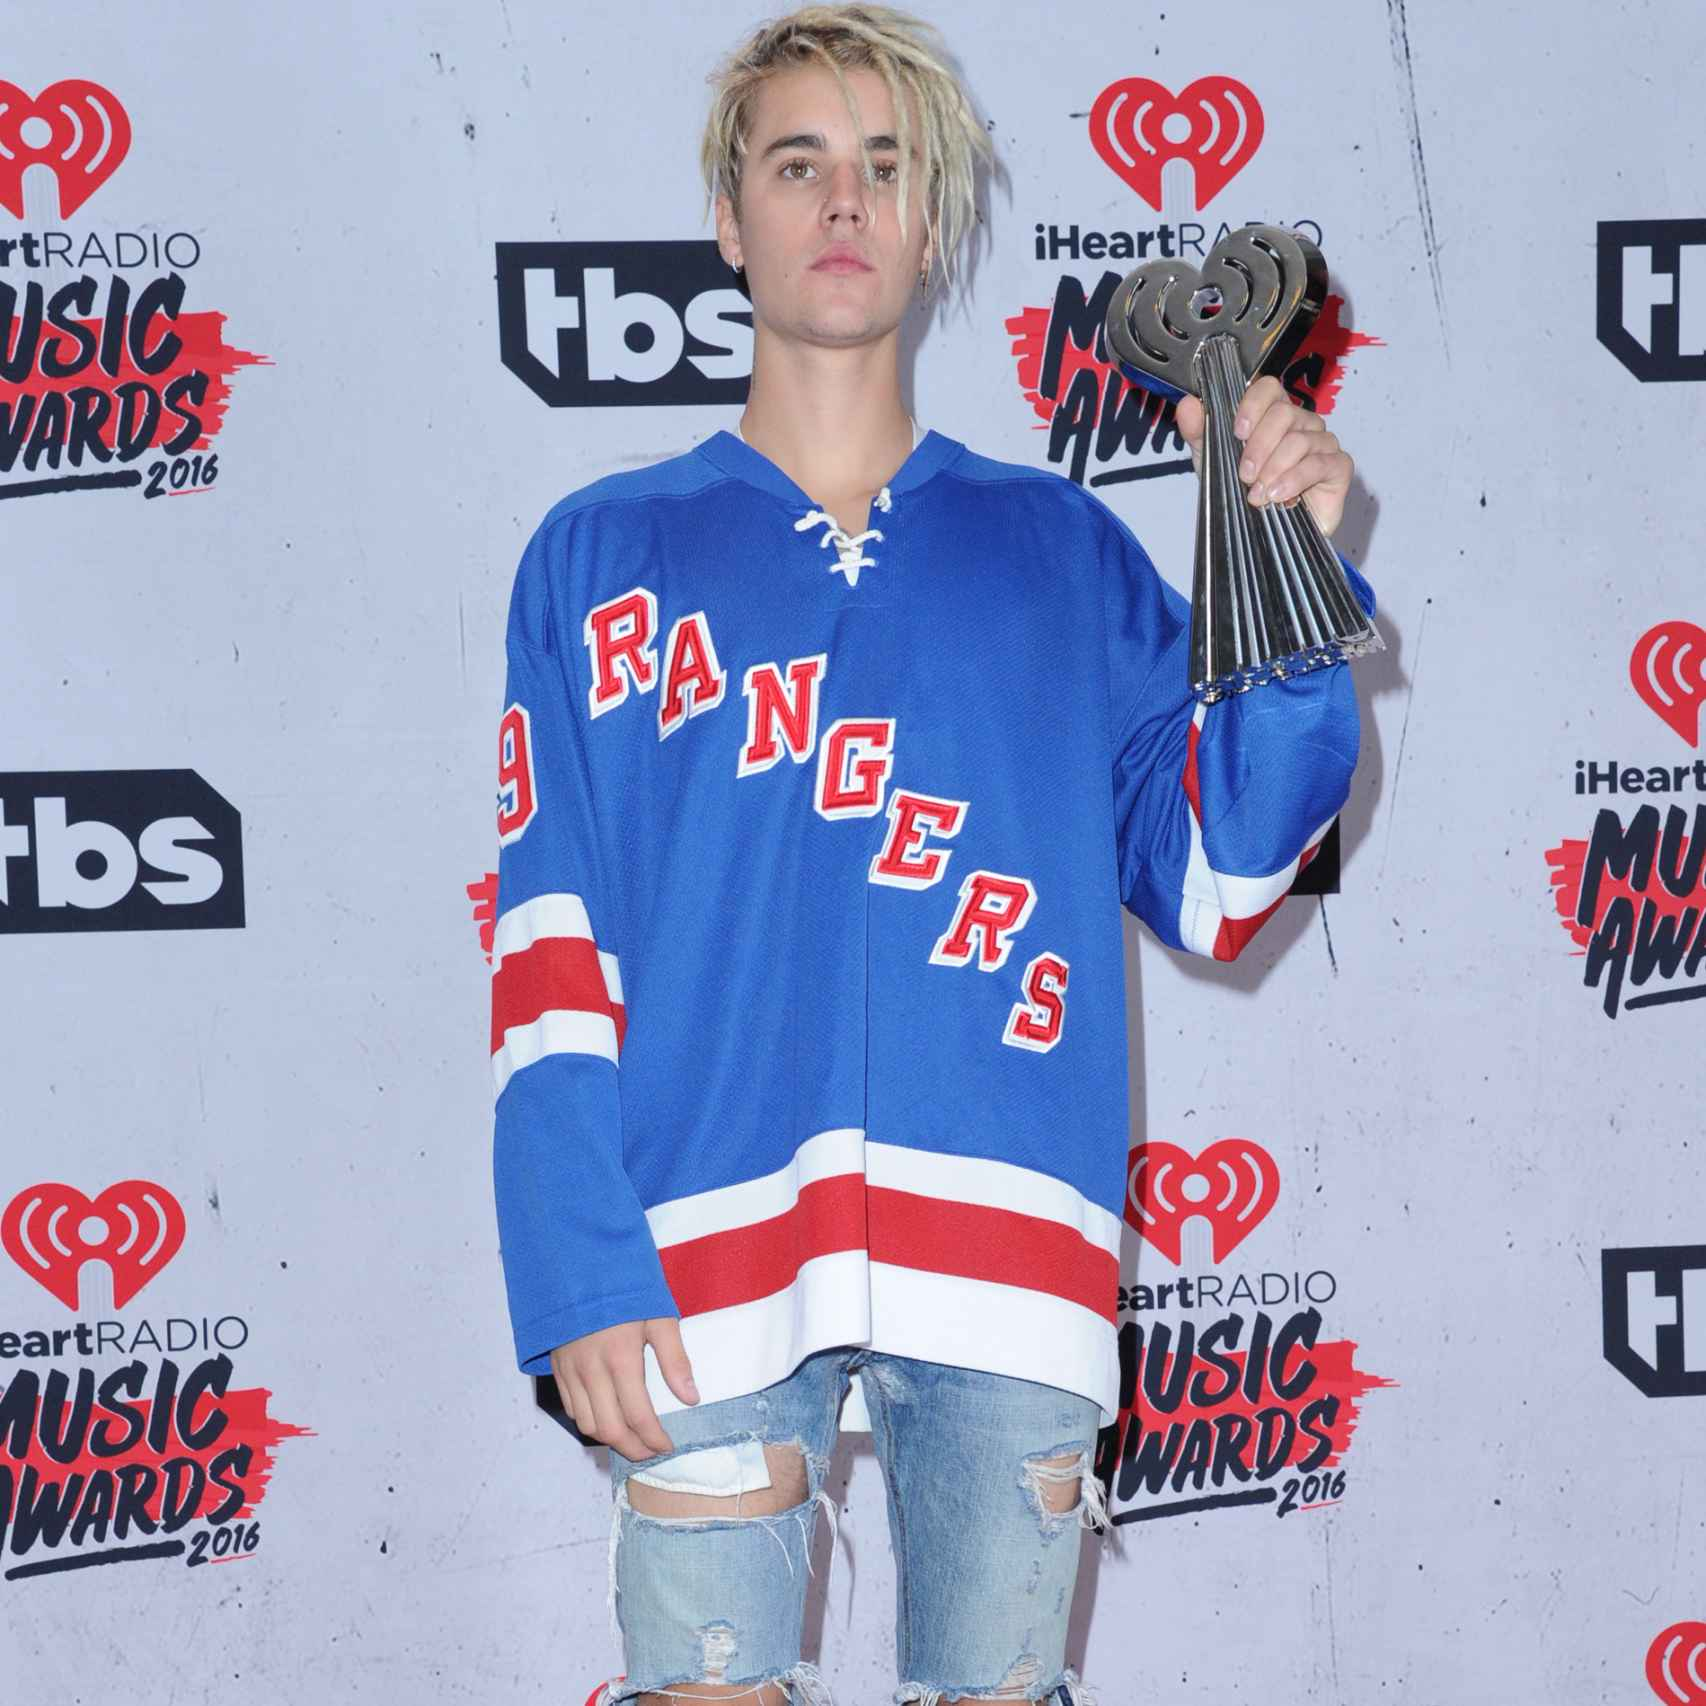 Justin Bieber en el photocall de iHeartRadio